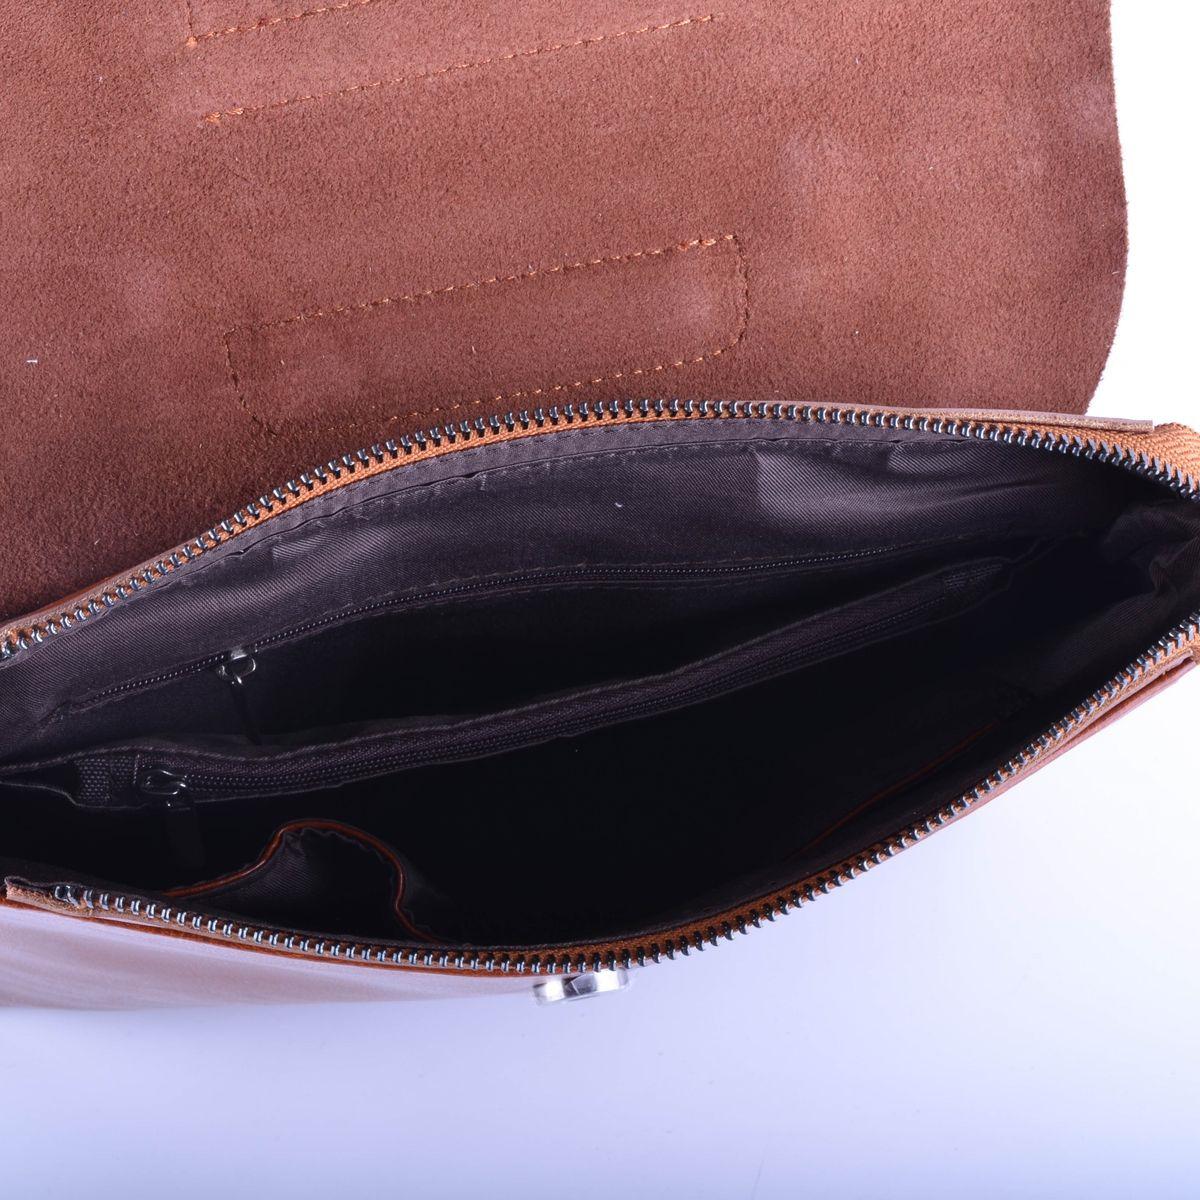 Фото - Рюкзак женский Topo Fortunato, TF-B 10787-021, светло-коричневый ремень женский fancy s bag цвет светло коричневый fb 1226 06 размер 105